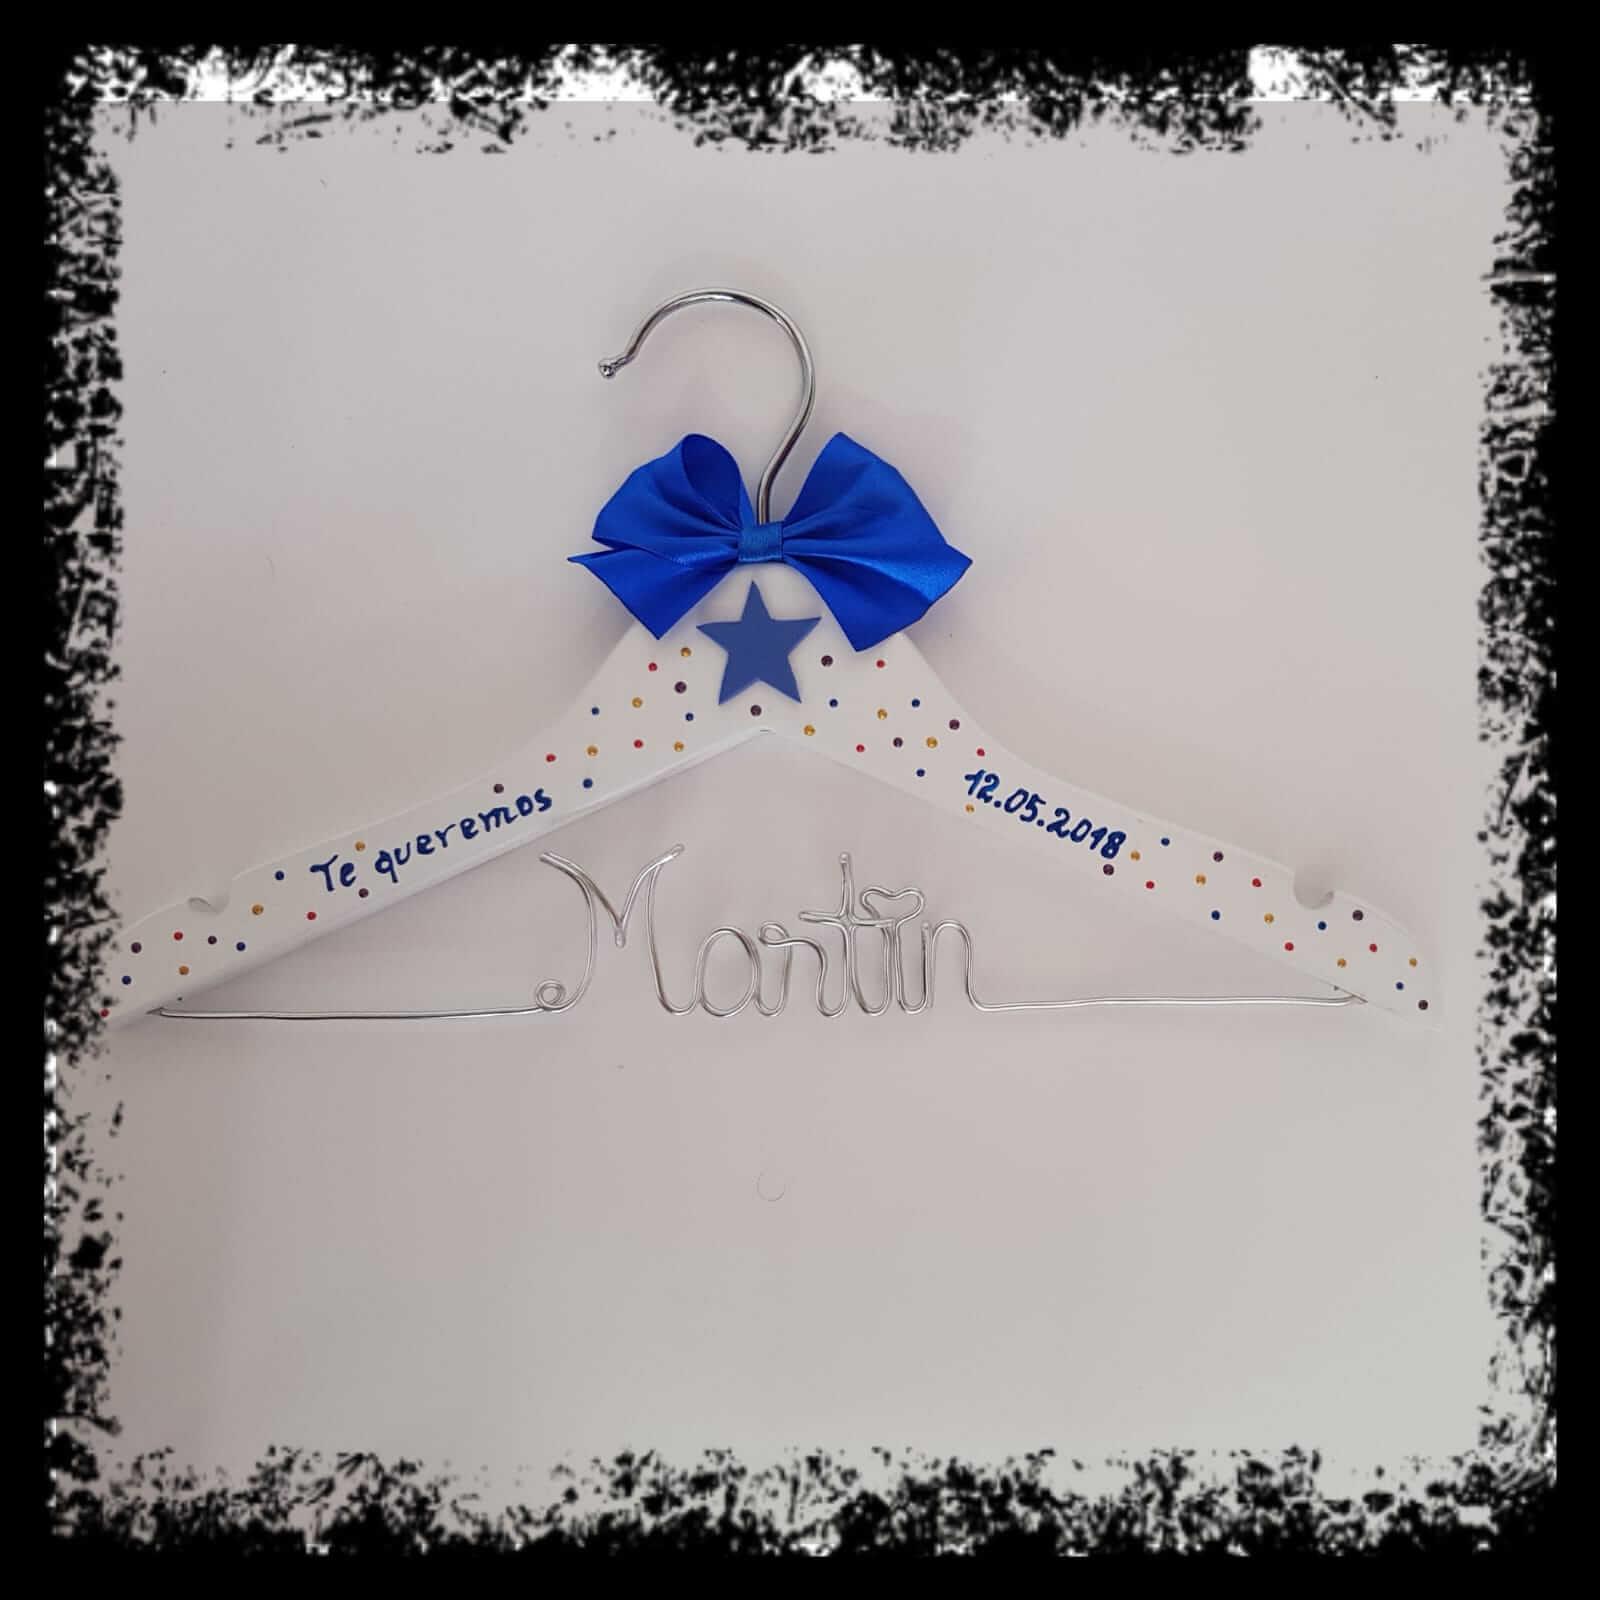 perchas personalizadas para niños perchas personalizadas para niños - perchas personalizadas para ni  os 2 - perchas personalizadas para niños